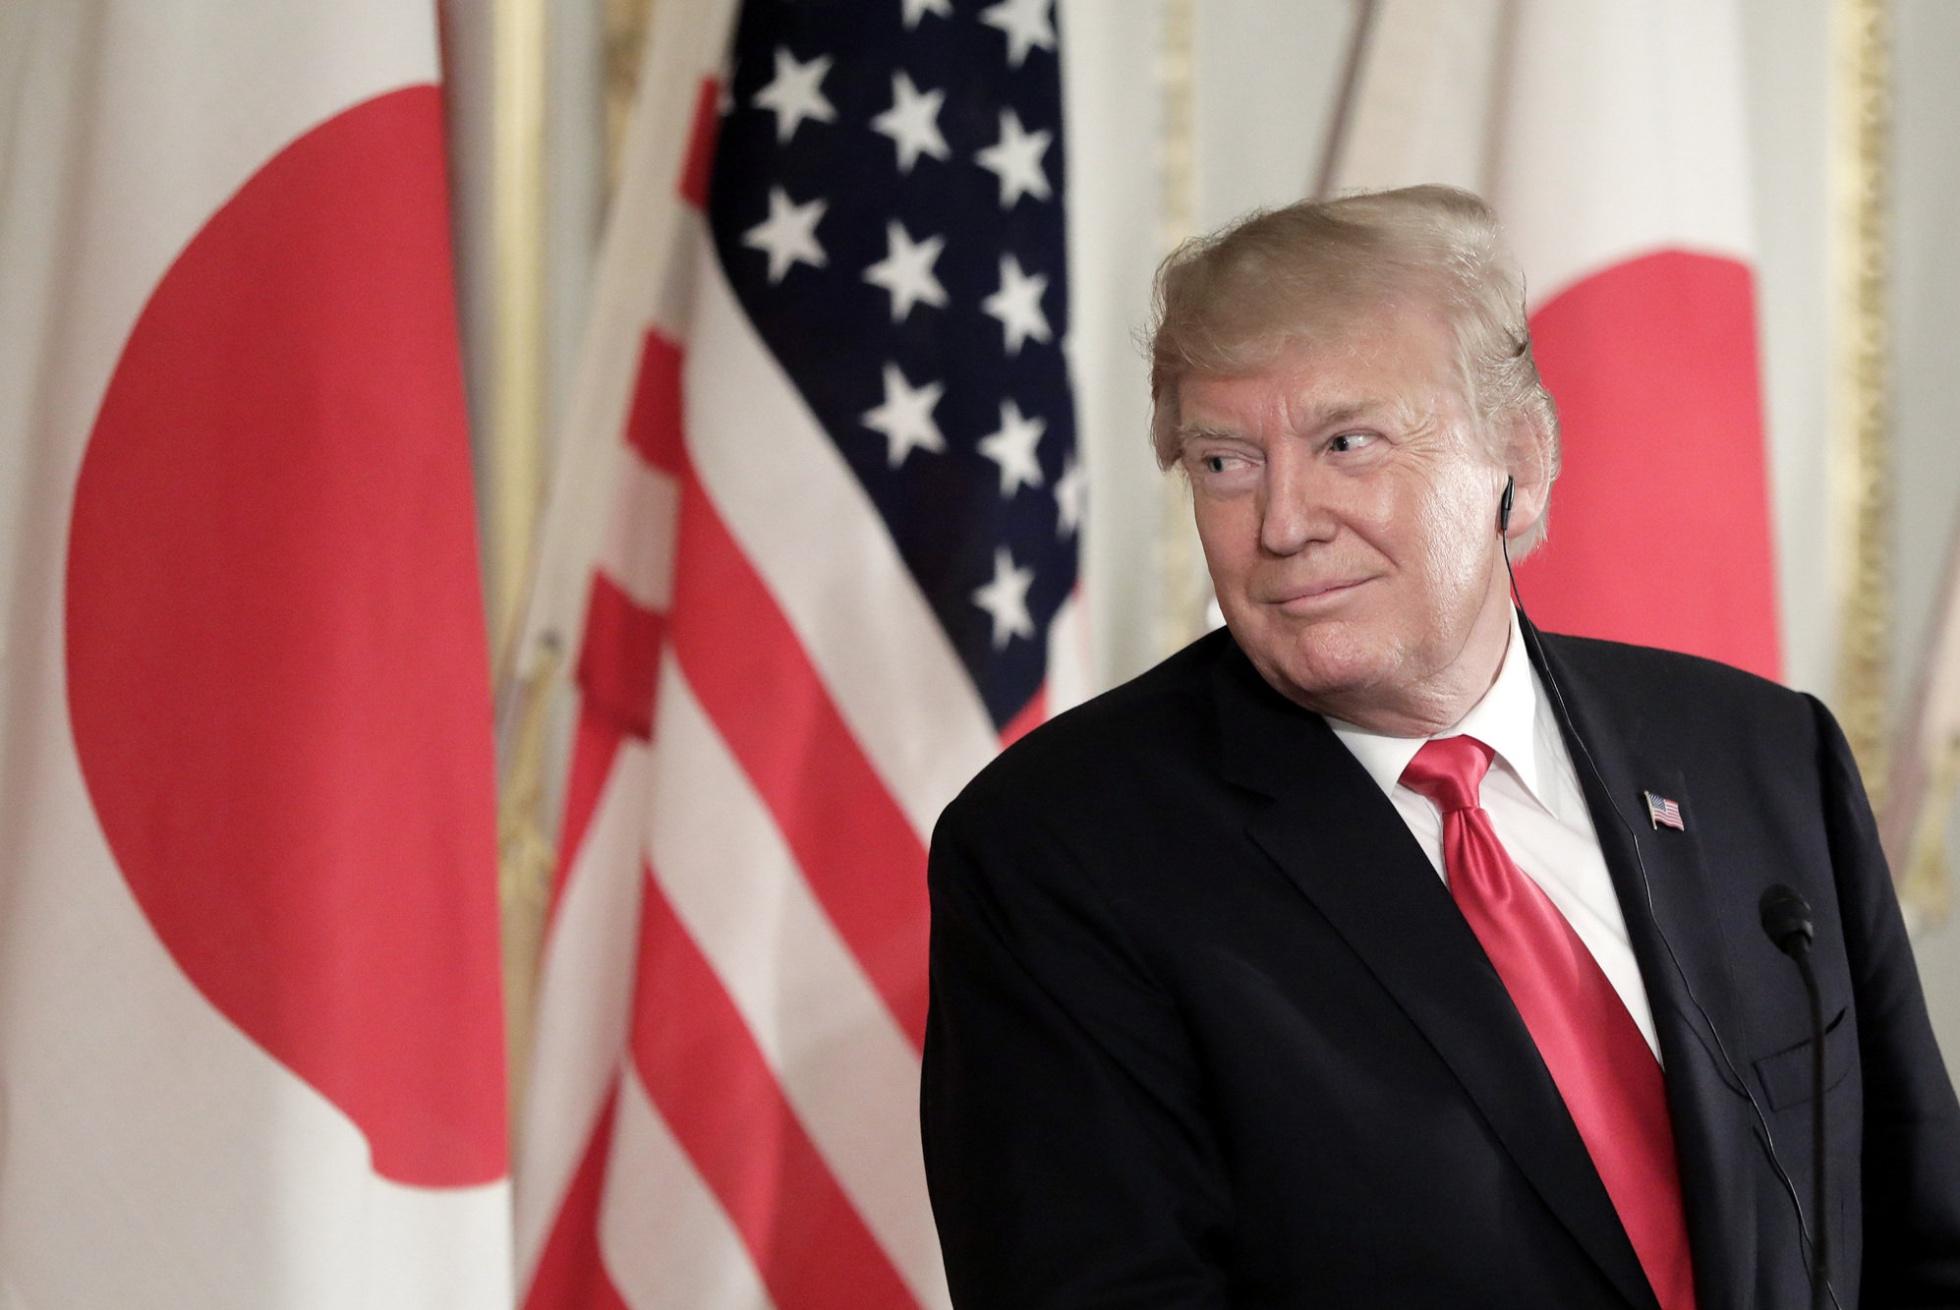 Trump asegura en Tokio que es posible un acuerdo con Irán